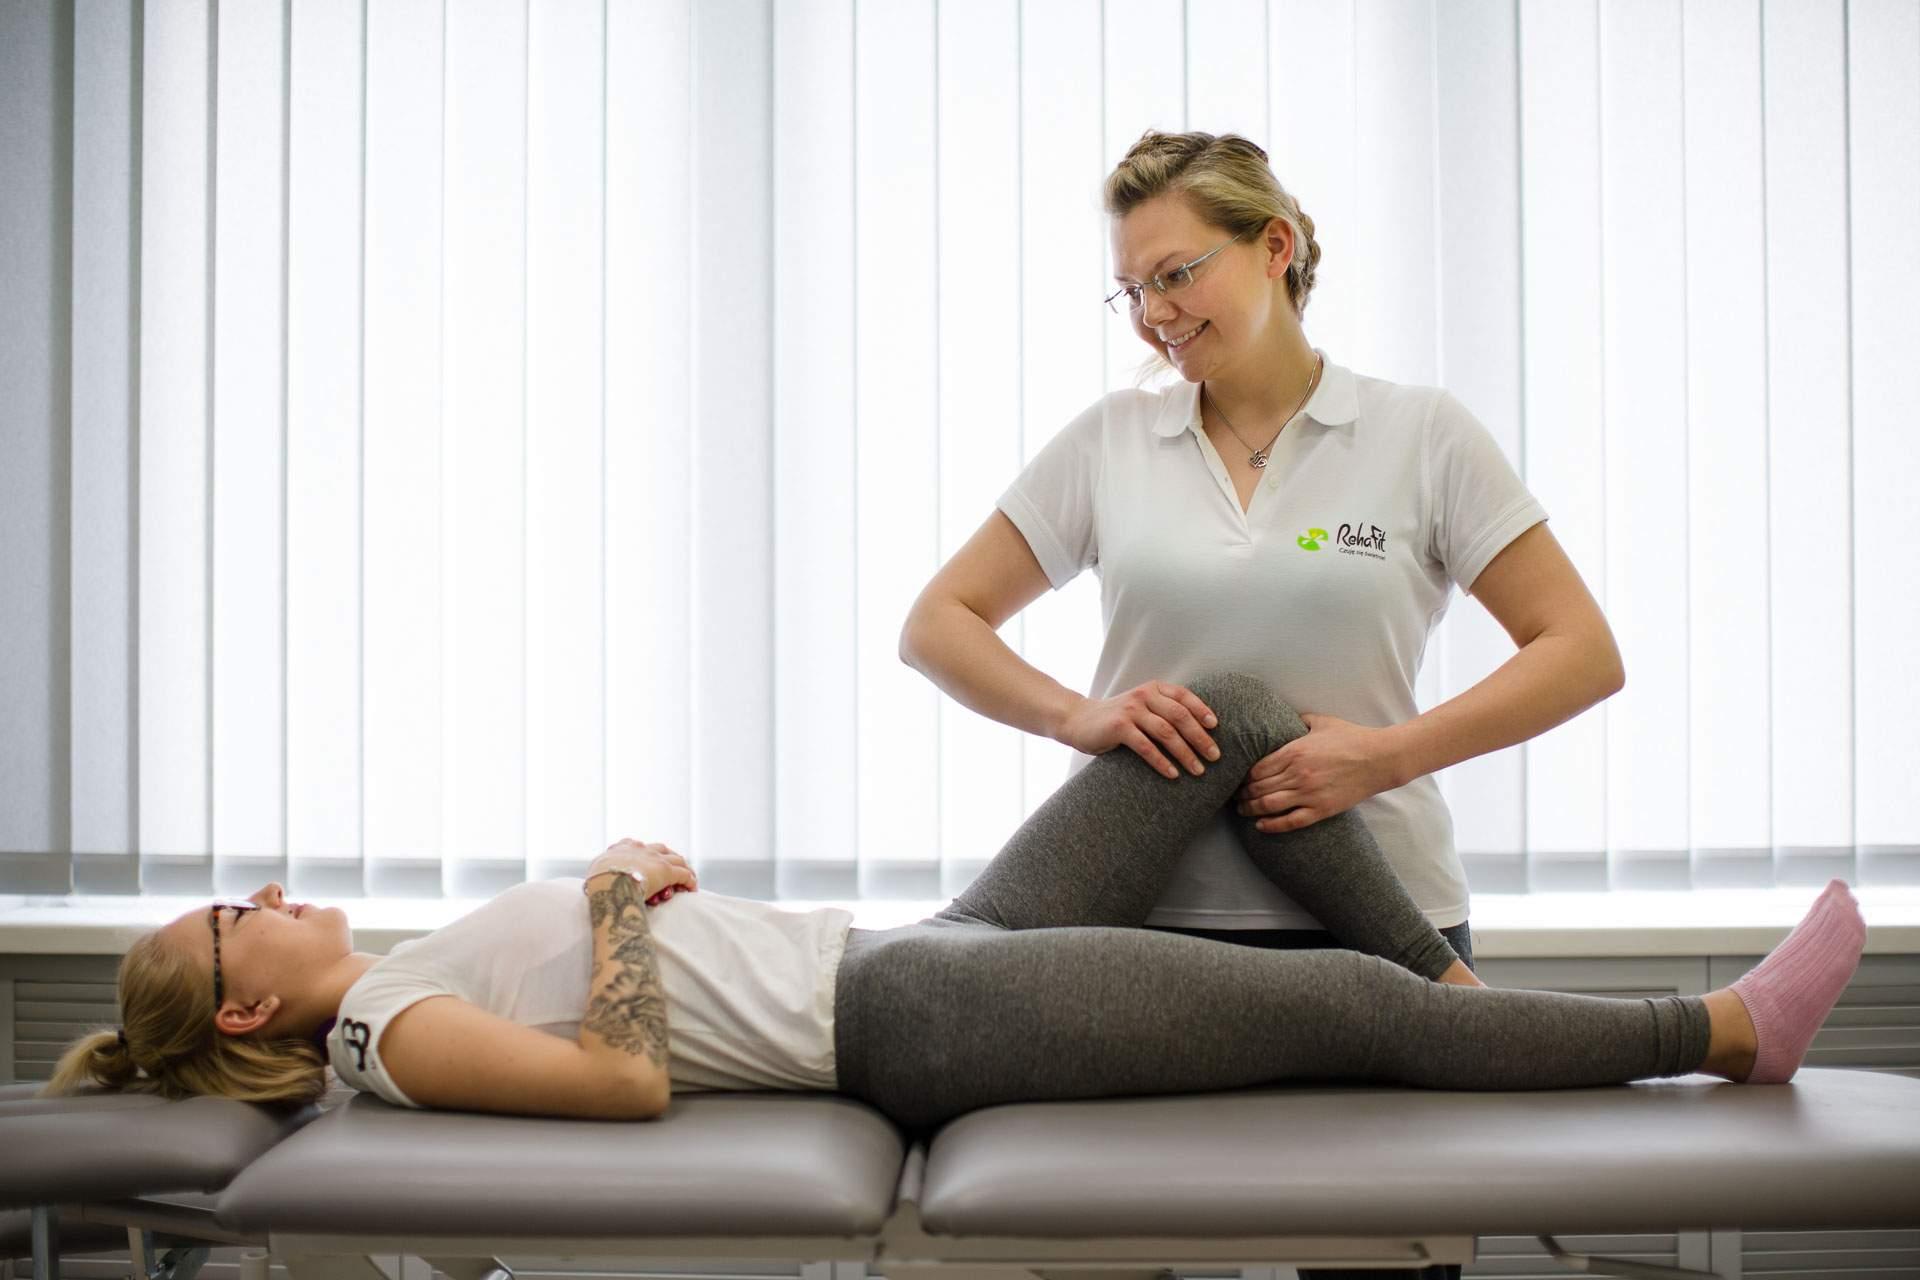 Fizjoterapeuta Maria Stachów wykonująca terapię manualną w obrębie kolana pacjentki.